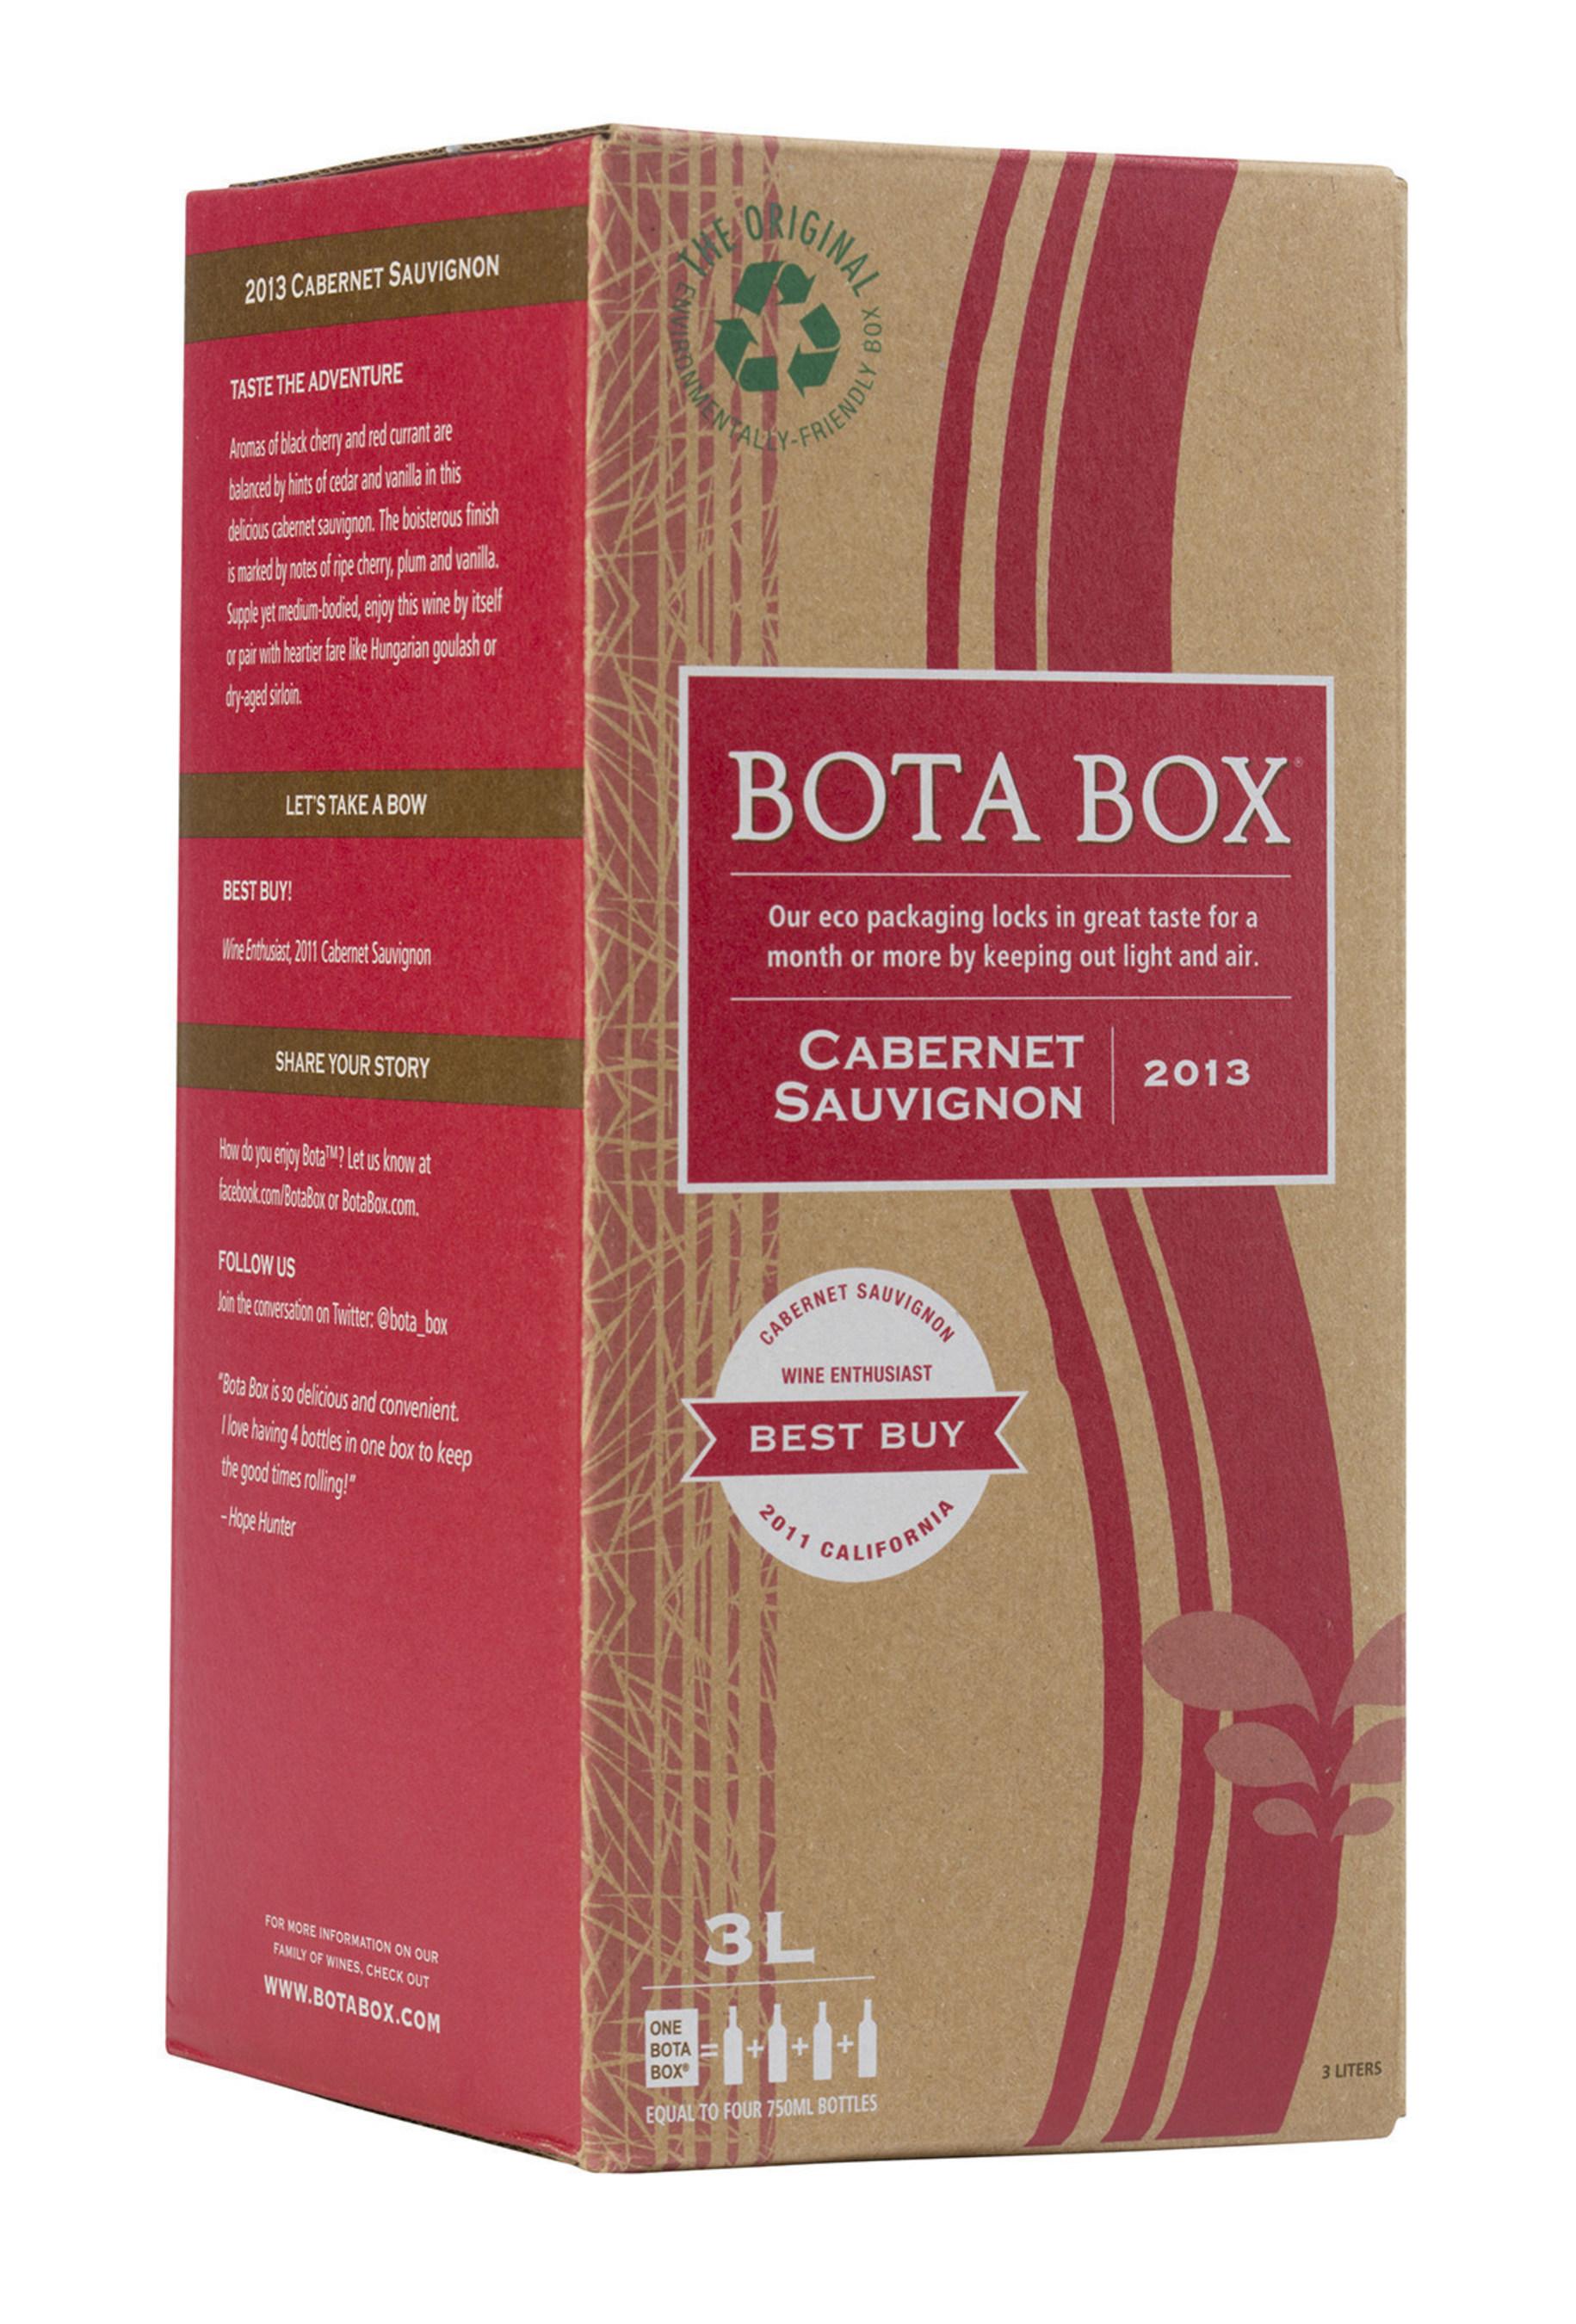 Bota Box Annual Sales Achieves 3 Million-Case Benchmark